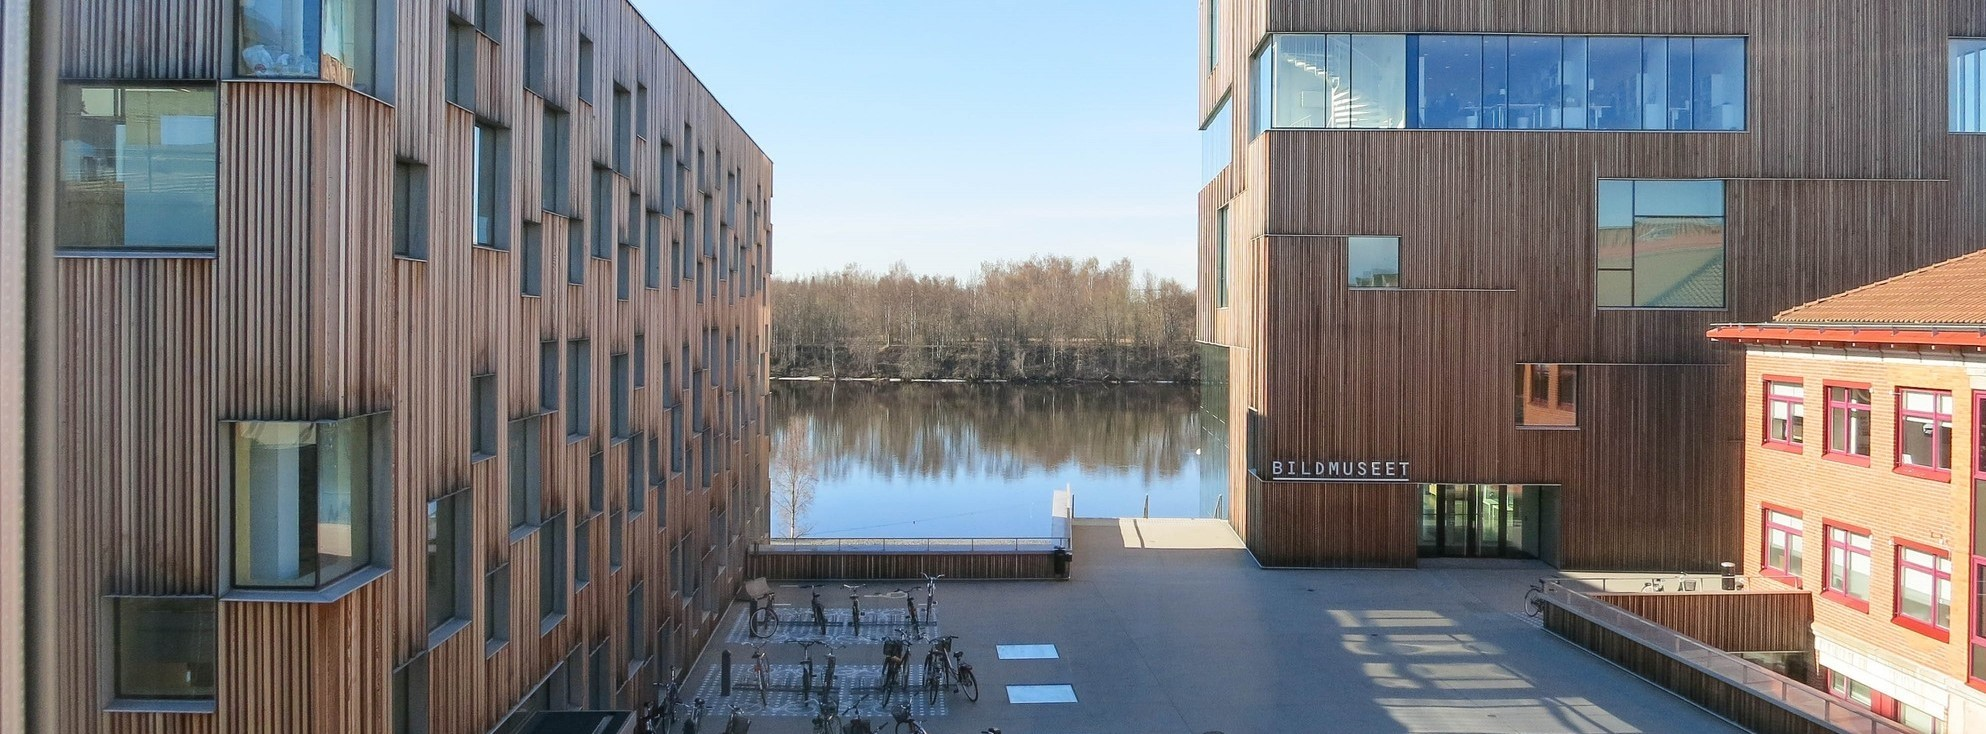 ny stl konstnärligt campus.jpg